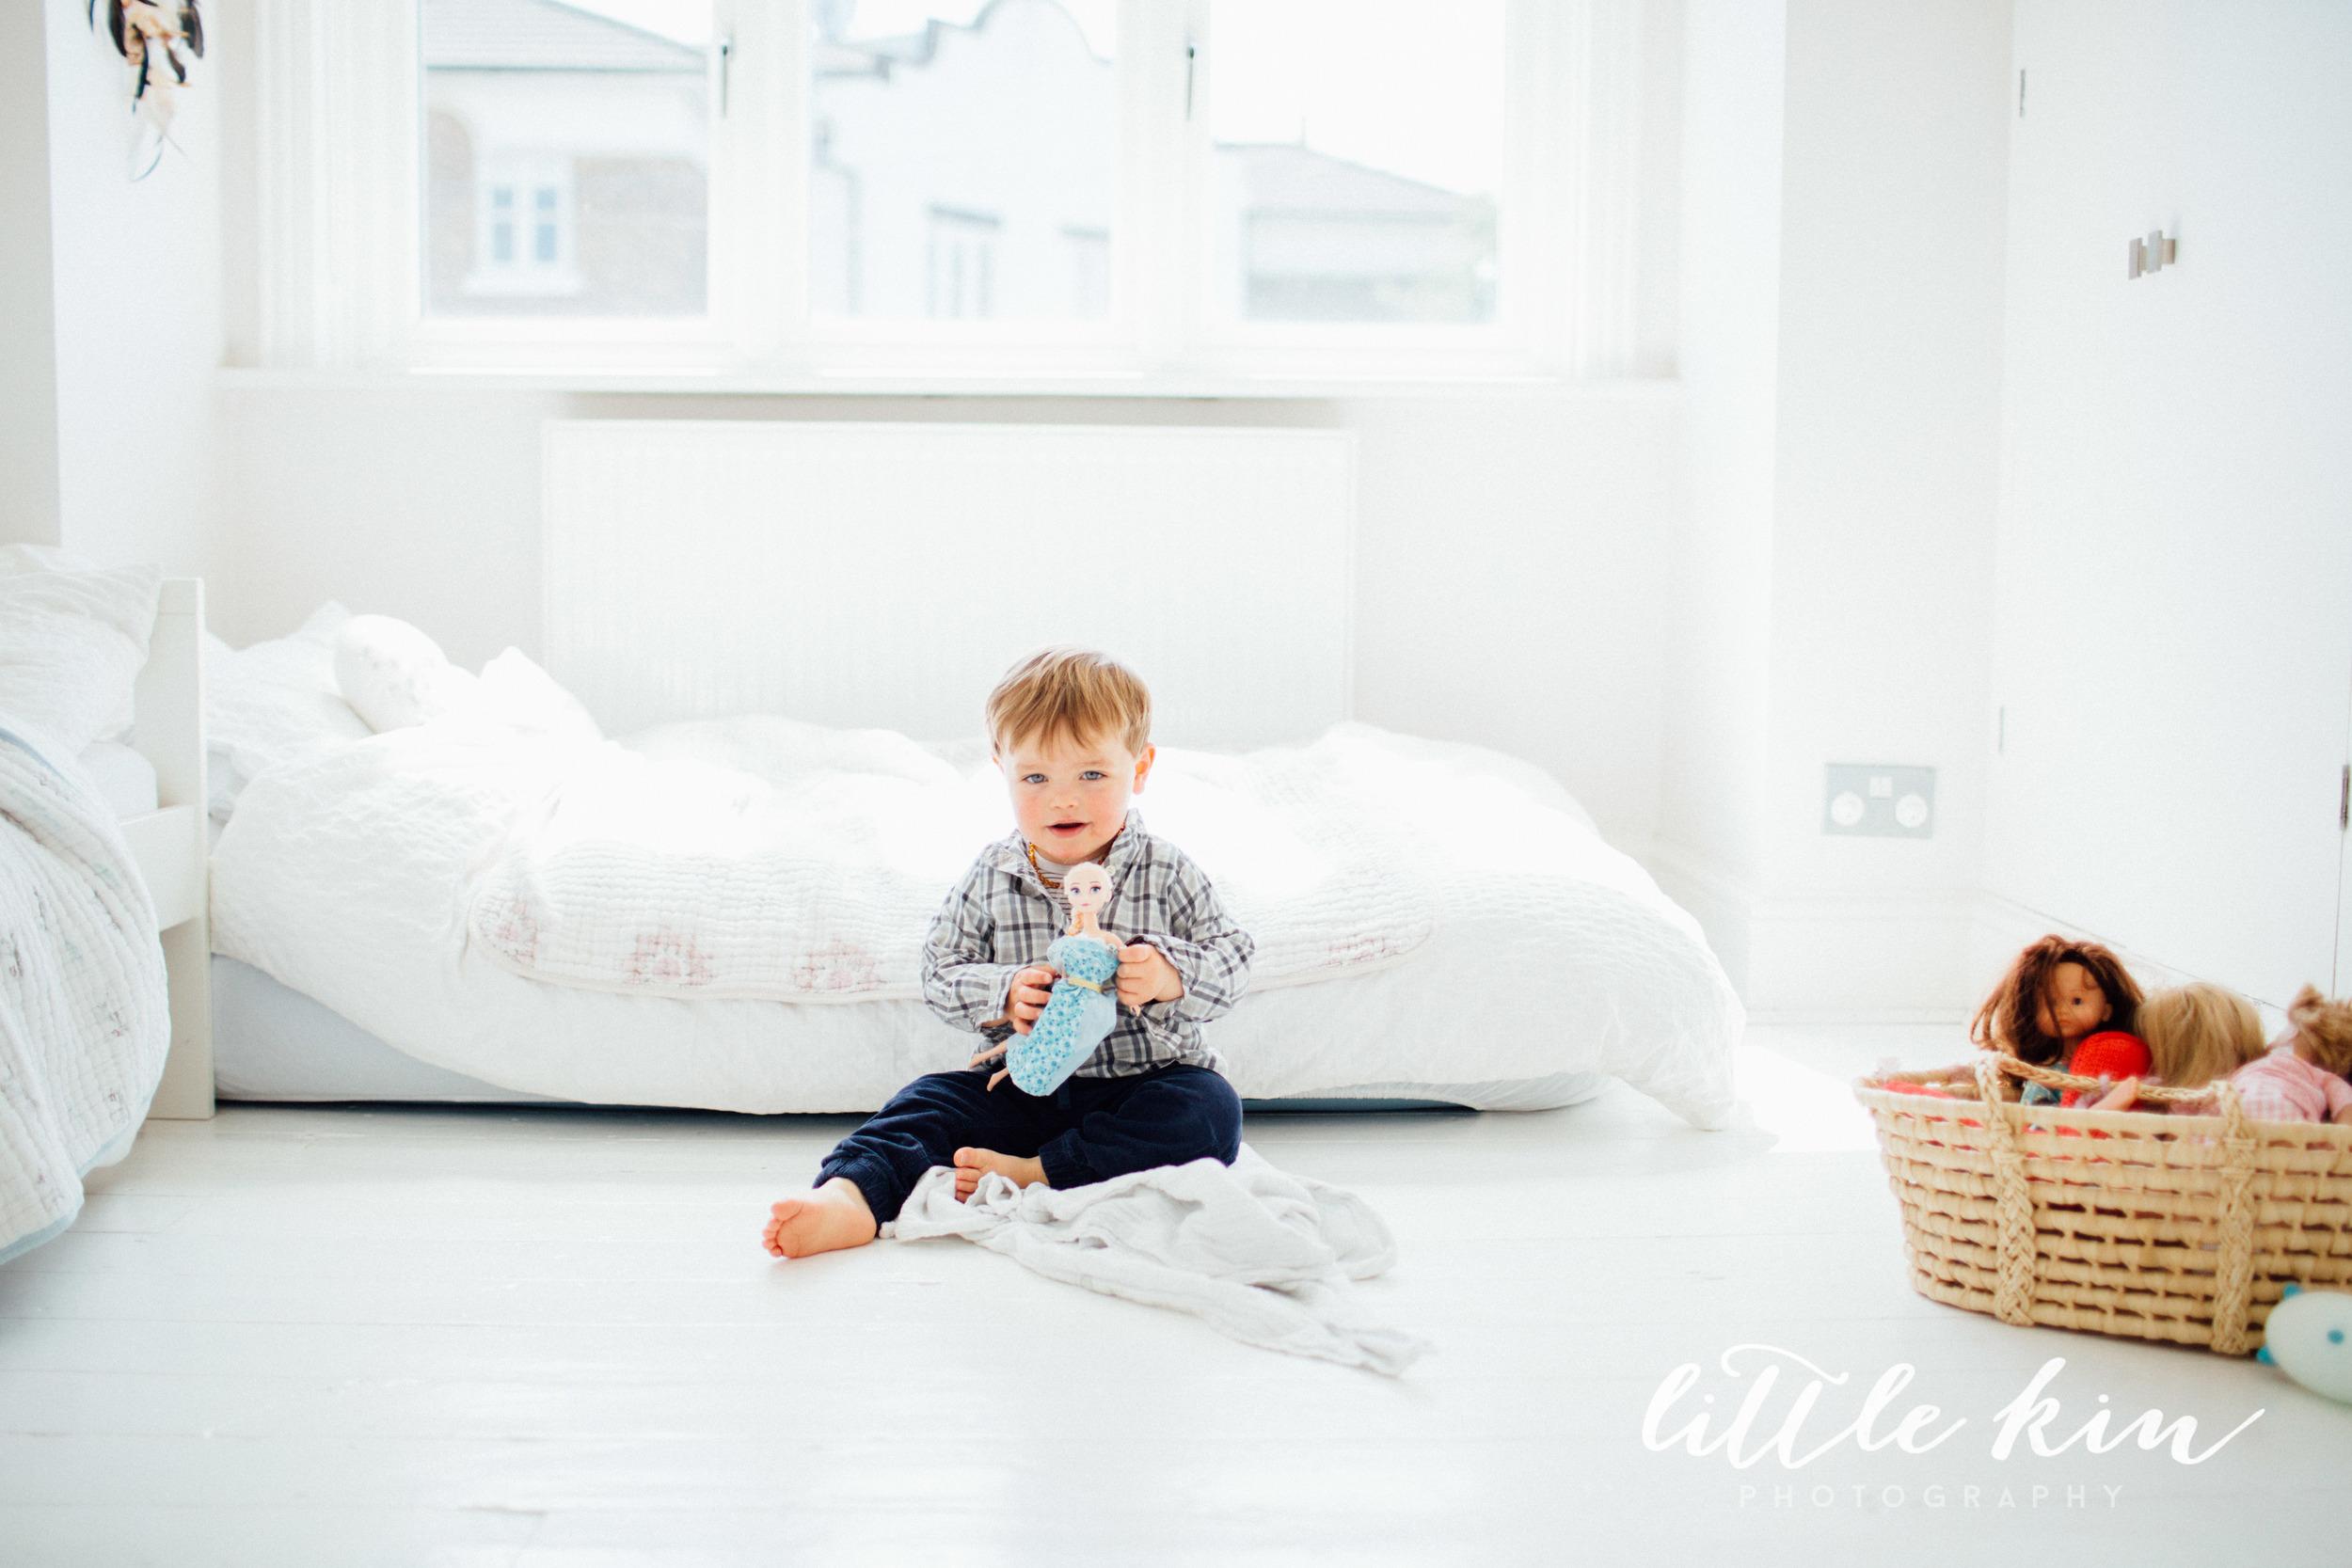 serevine little kin media-9.jpg